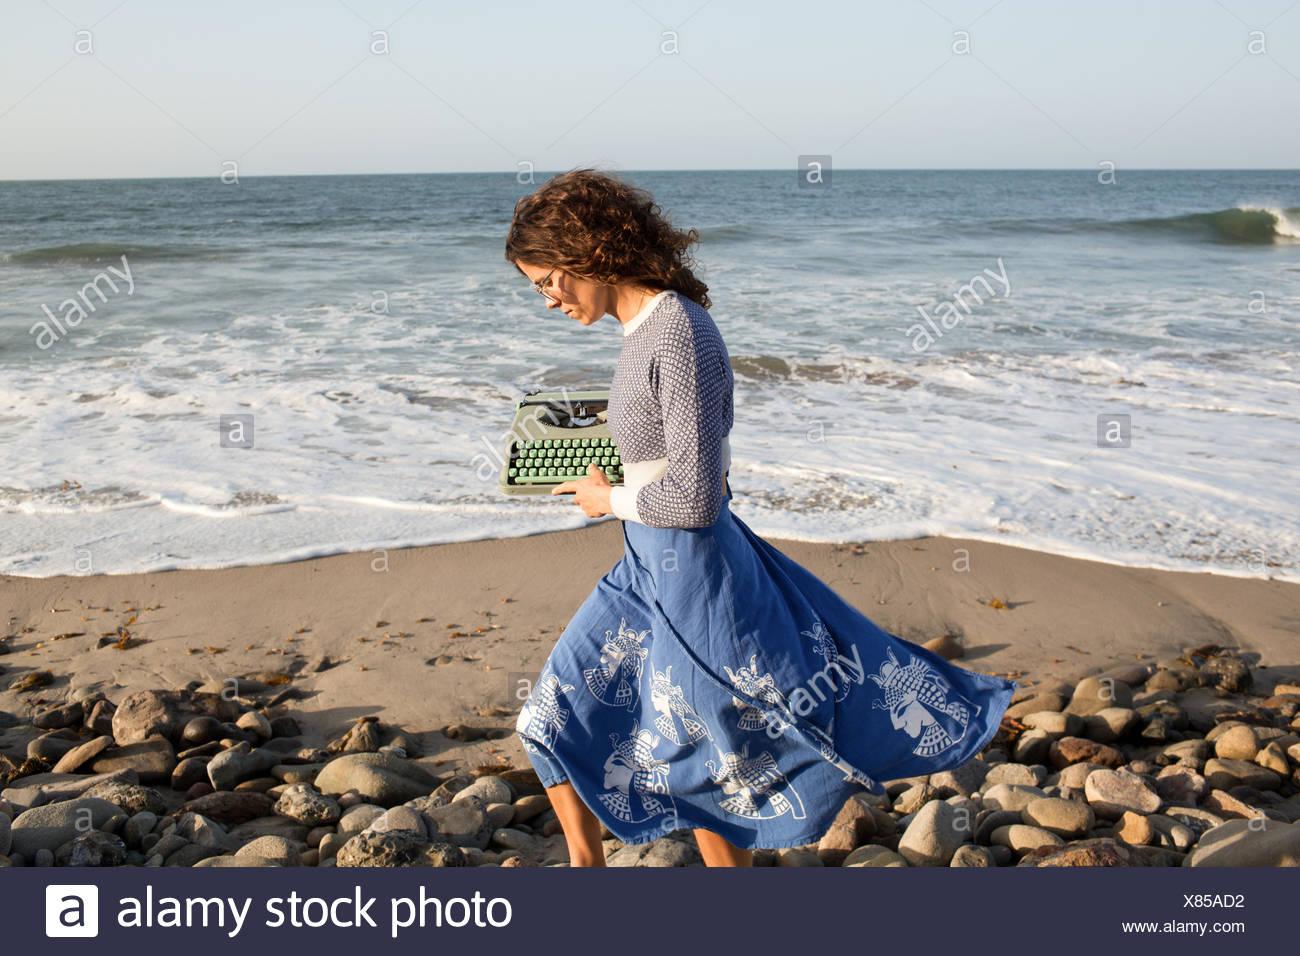 Woman walking along beach with typewriter - Stock Image